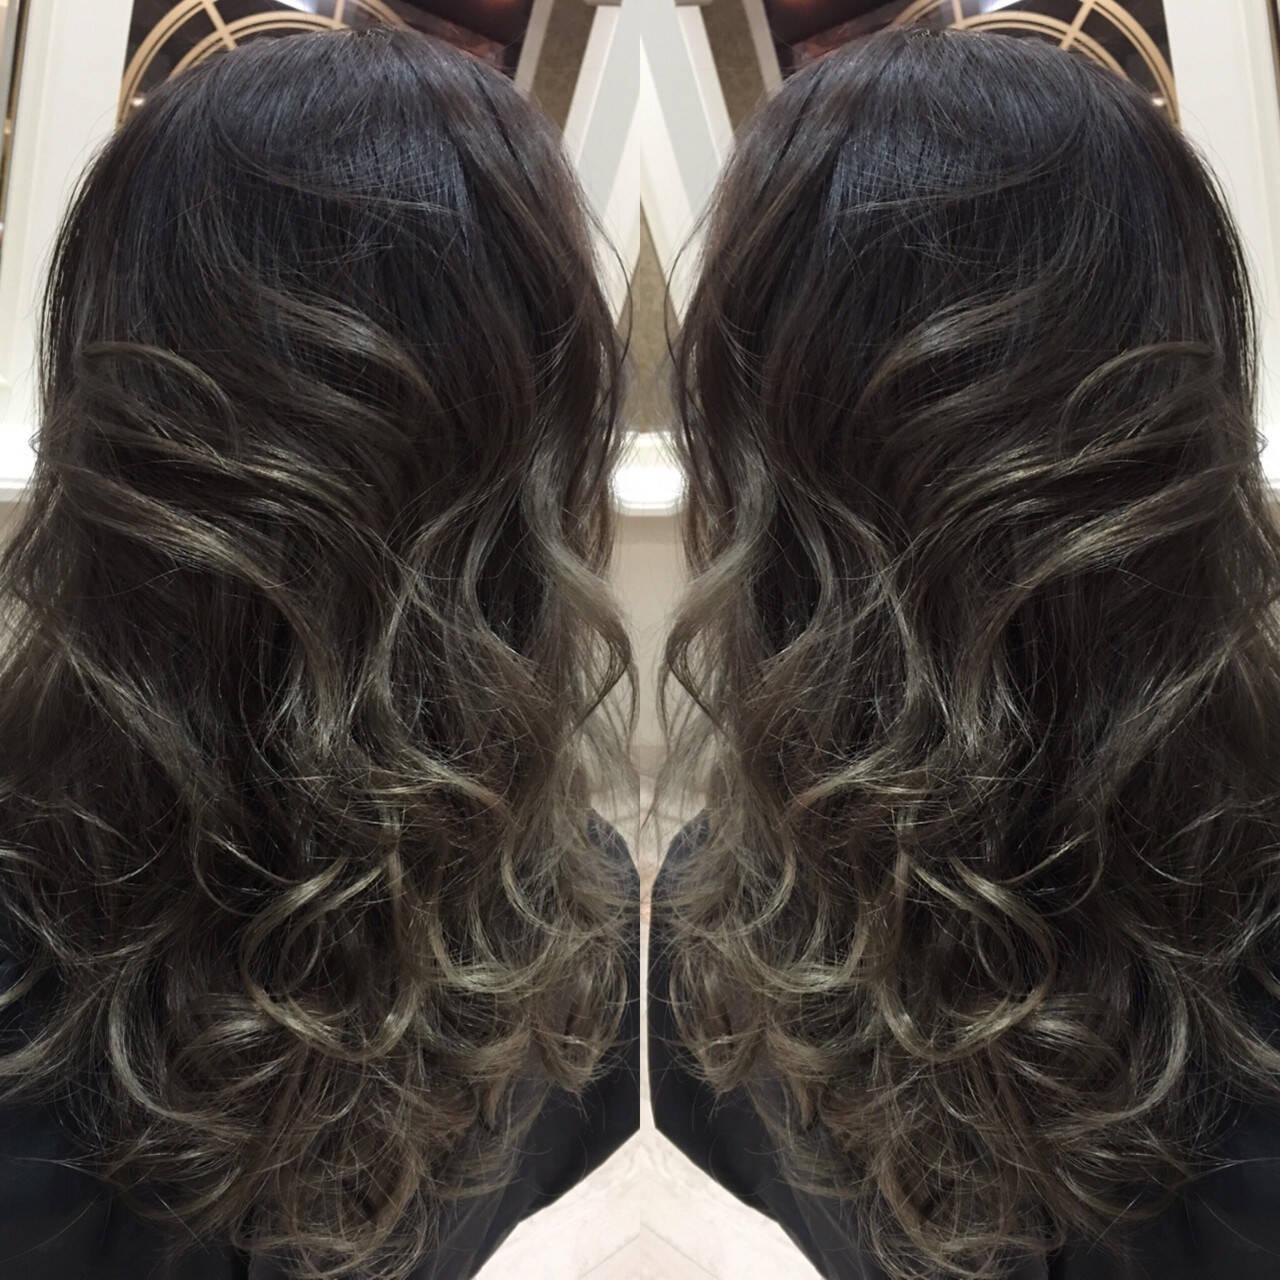 セミロング ハイライト グラデーションカラー アッシュヘアスタイルや髪型の写真・画像